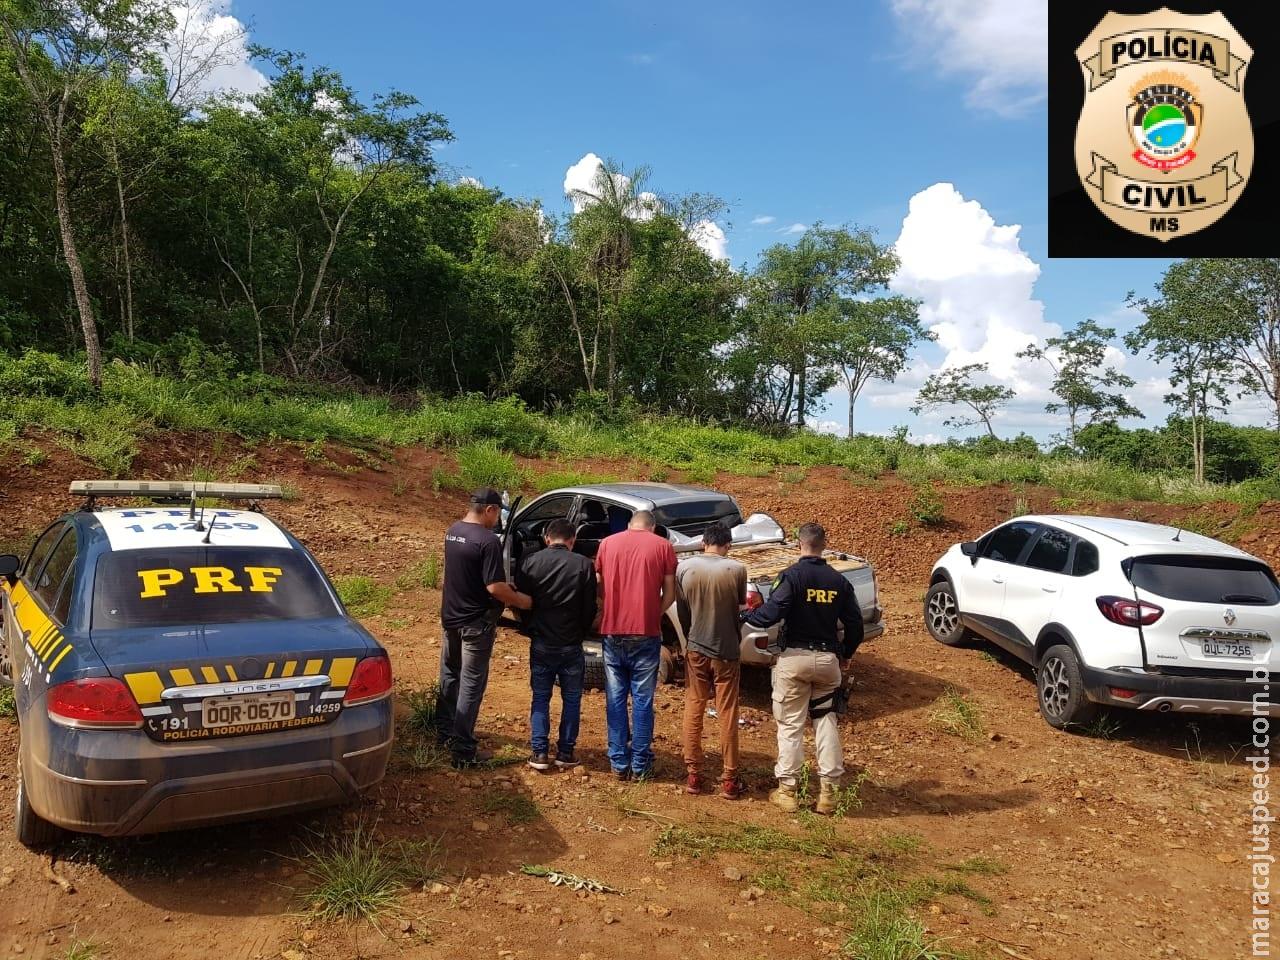 Jardim: Polícia Civil e PRF apreendem 1,5 tonelada de maconha e prendem 3 homens pelo crime de tráfico de drogas, associação criminosa e receptação